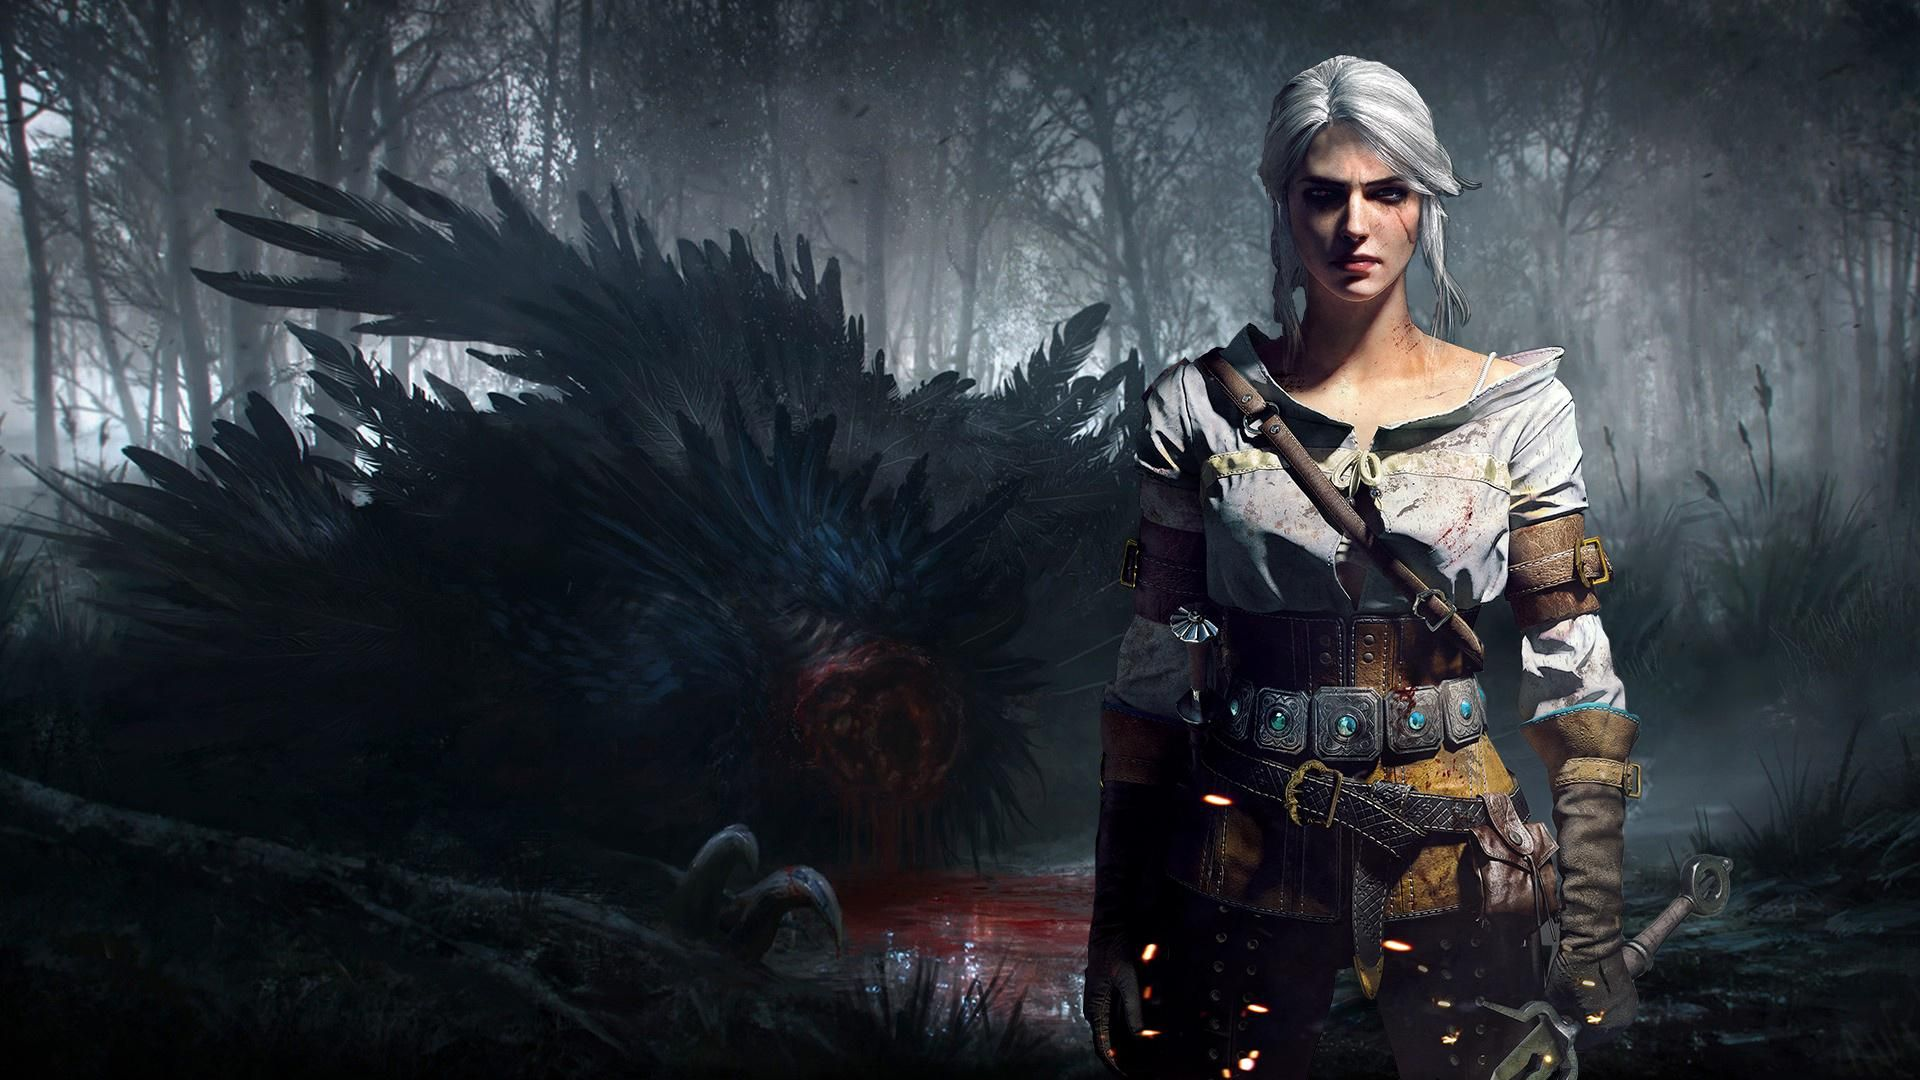 Witcher Ciri, Background